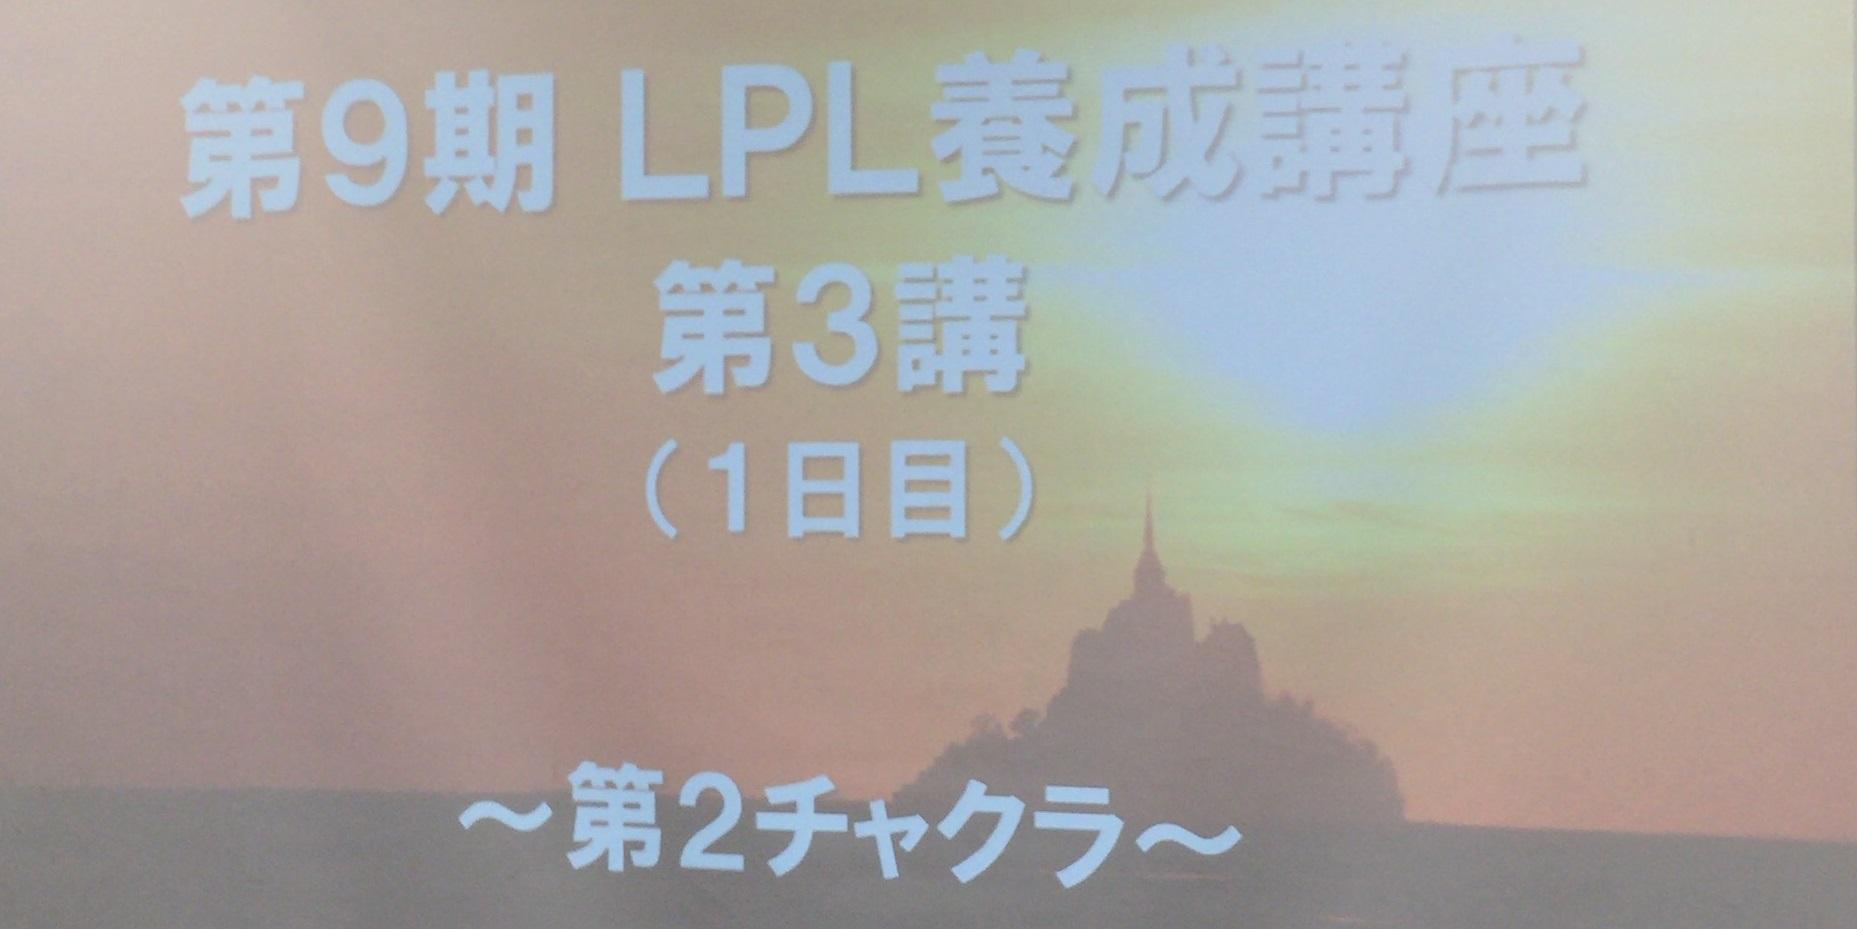 第9期LPL講座 第3講に参加して、腑落ちしたことが少しづつ増えてきた。